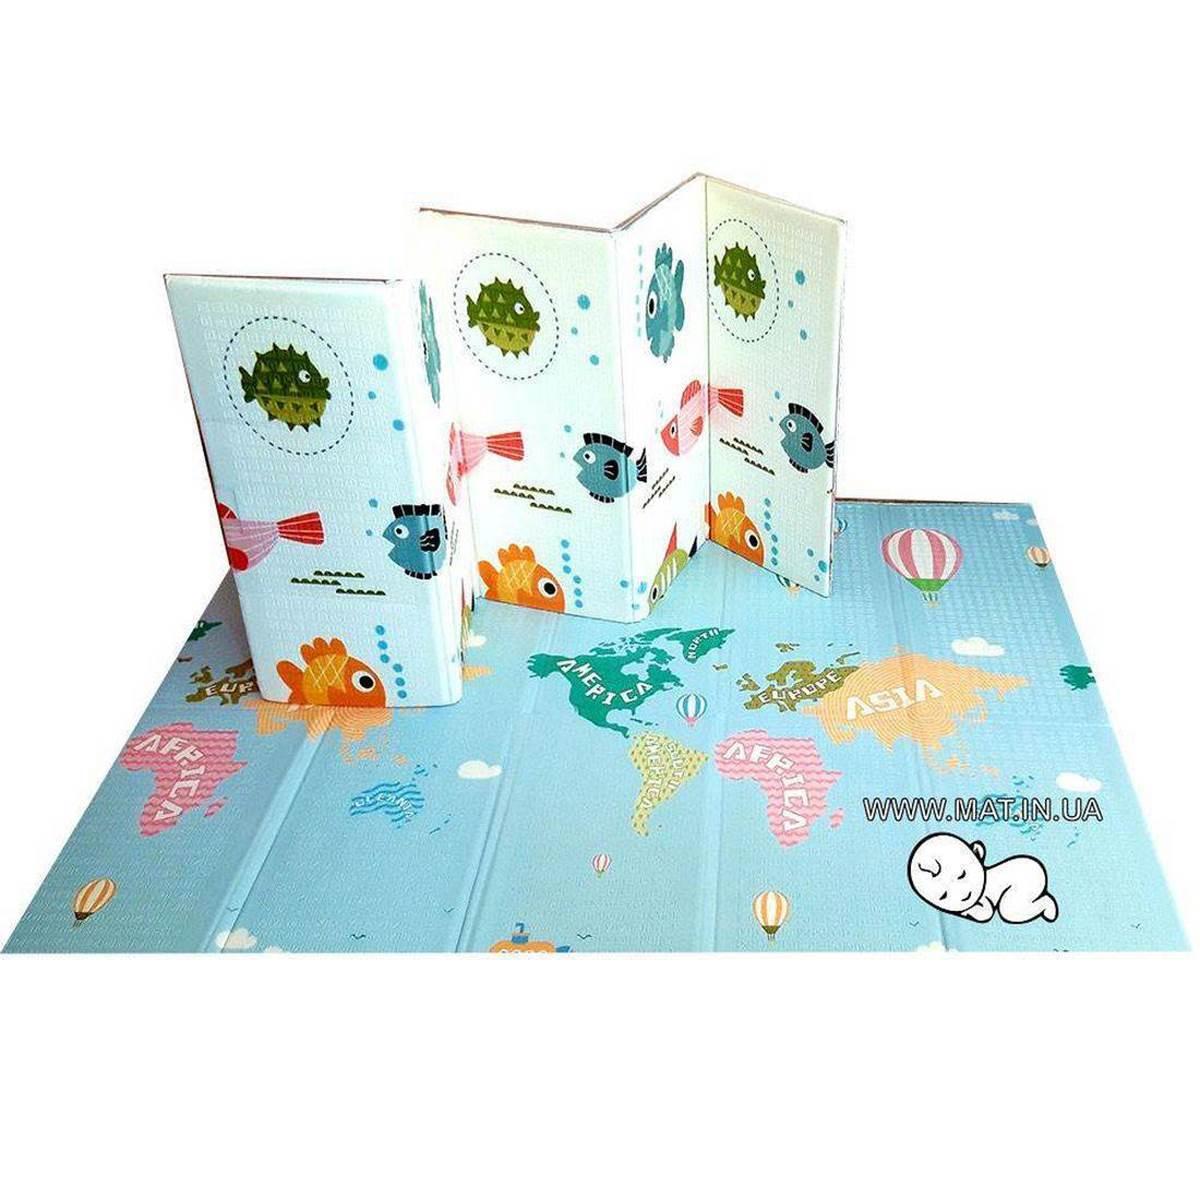 Купить  развивающий коврик для детей Рыбки-Карта в Украине